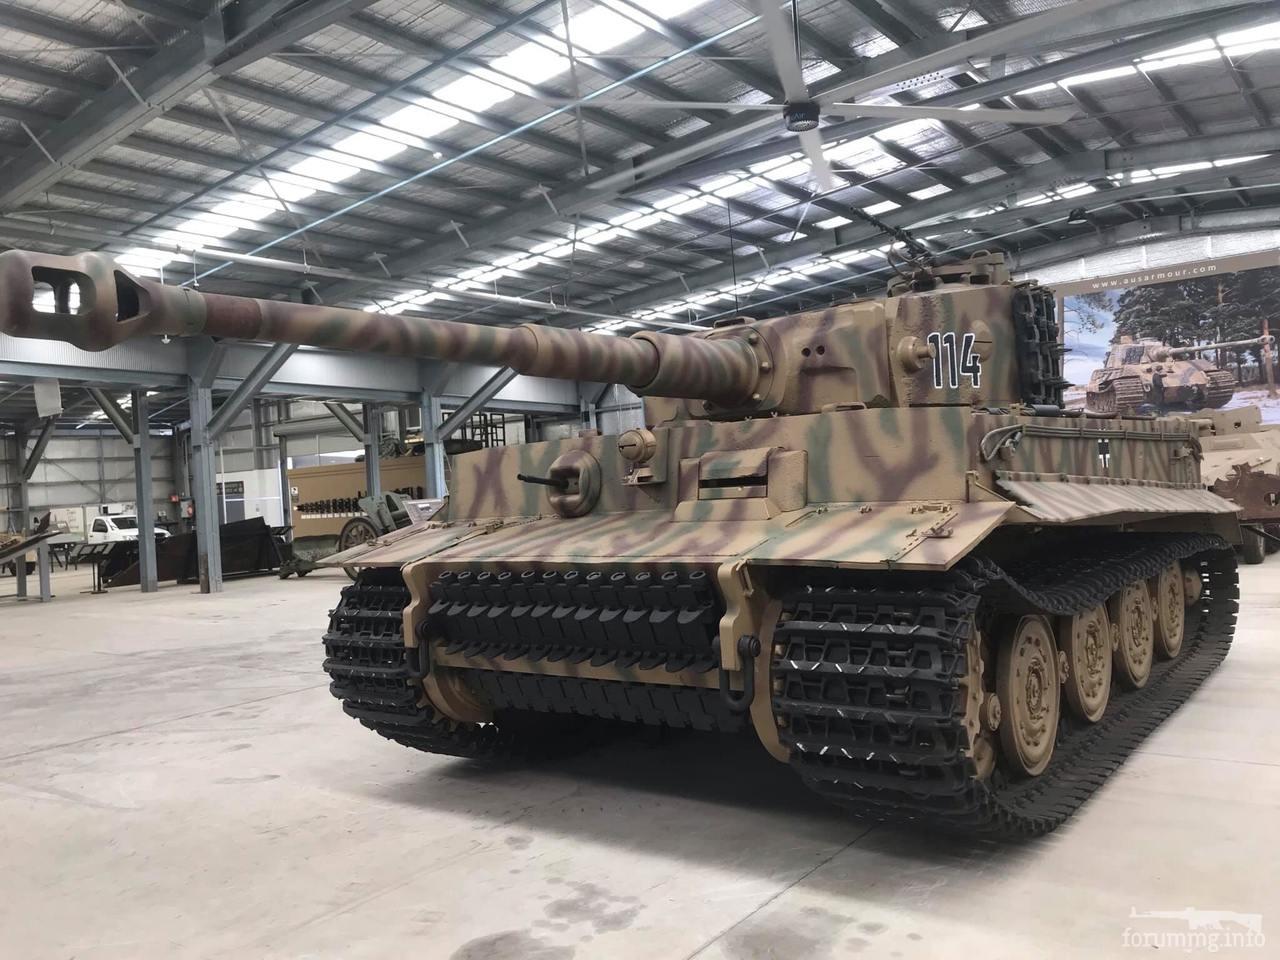 137984 - Achtung Panzer!